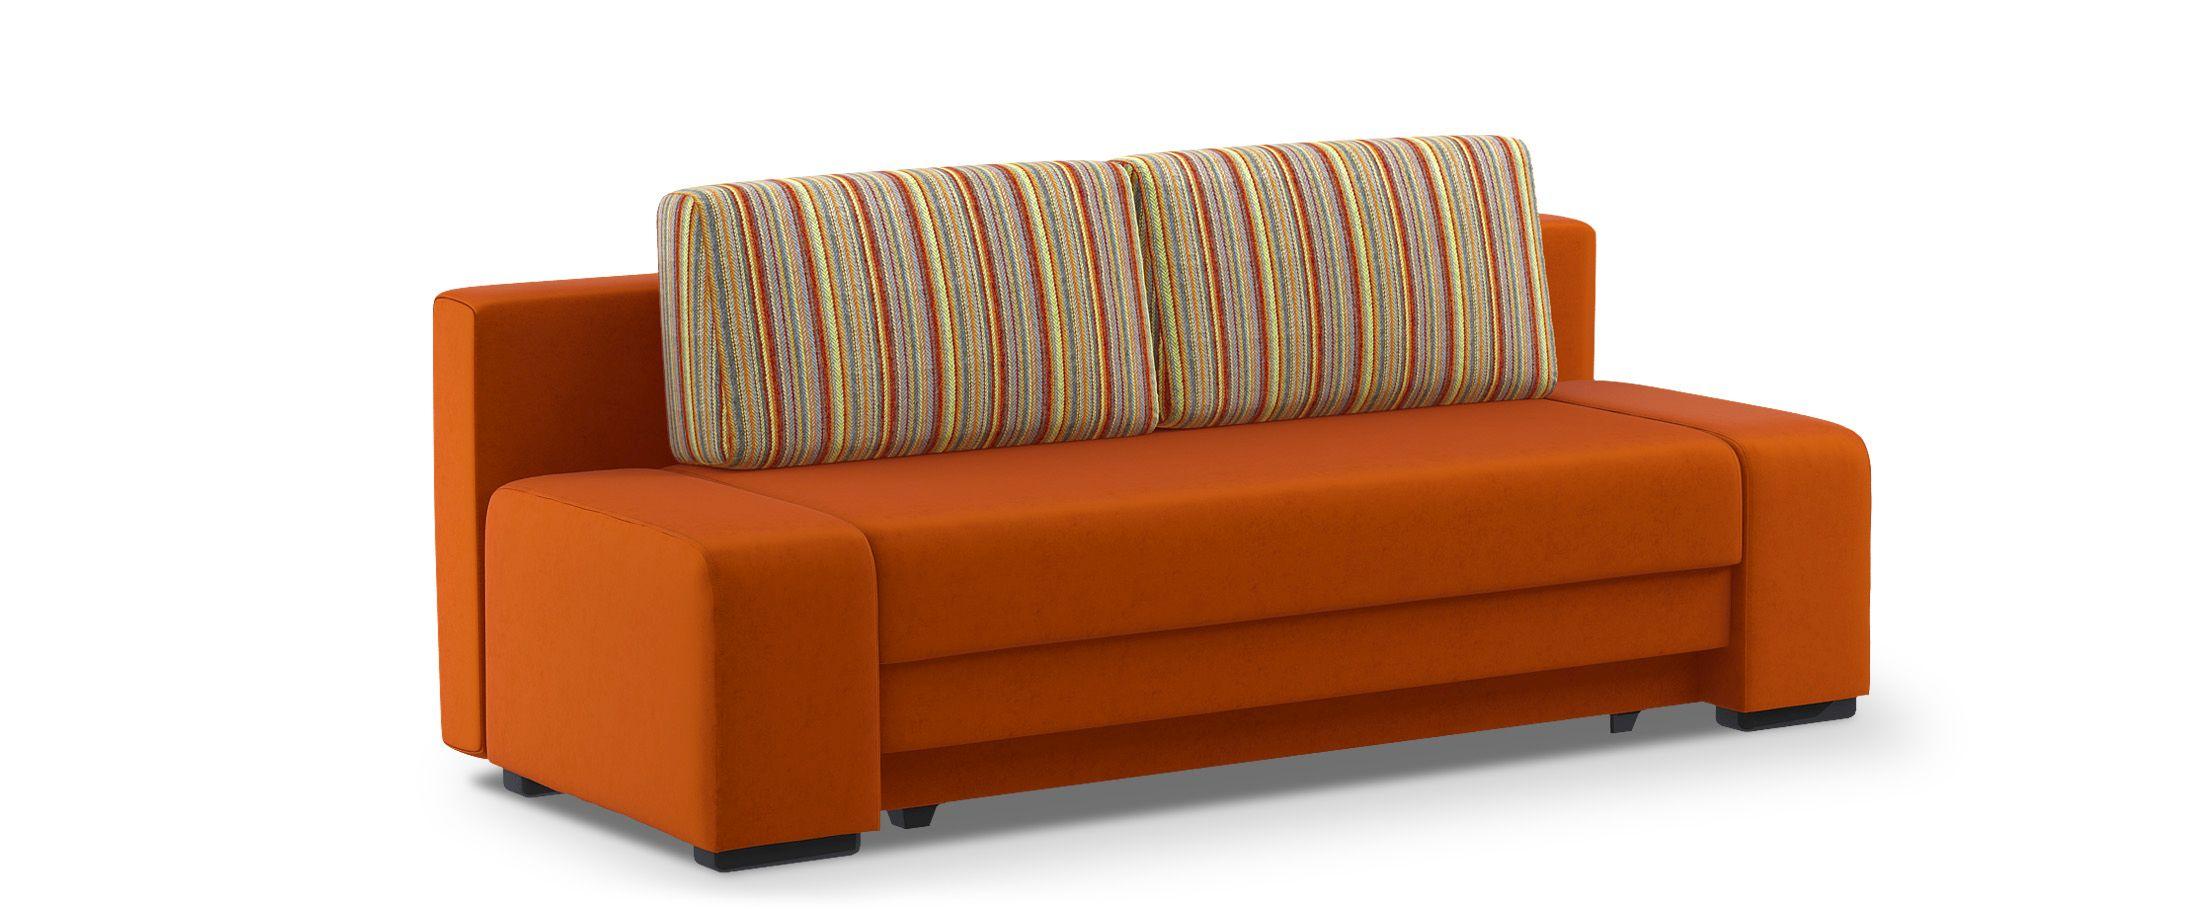 Диван прямой еврокнижка Токио 009Гостевой вариант и полноценное спальное место. Размеры 205х93х89 см. Купить оранжевый диван еврокнижка в интернет-магазине MOON-TRADE.RU.<br>